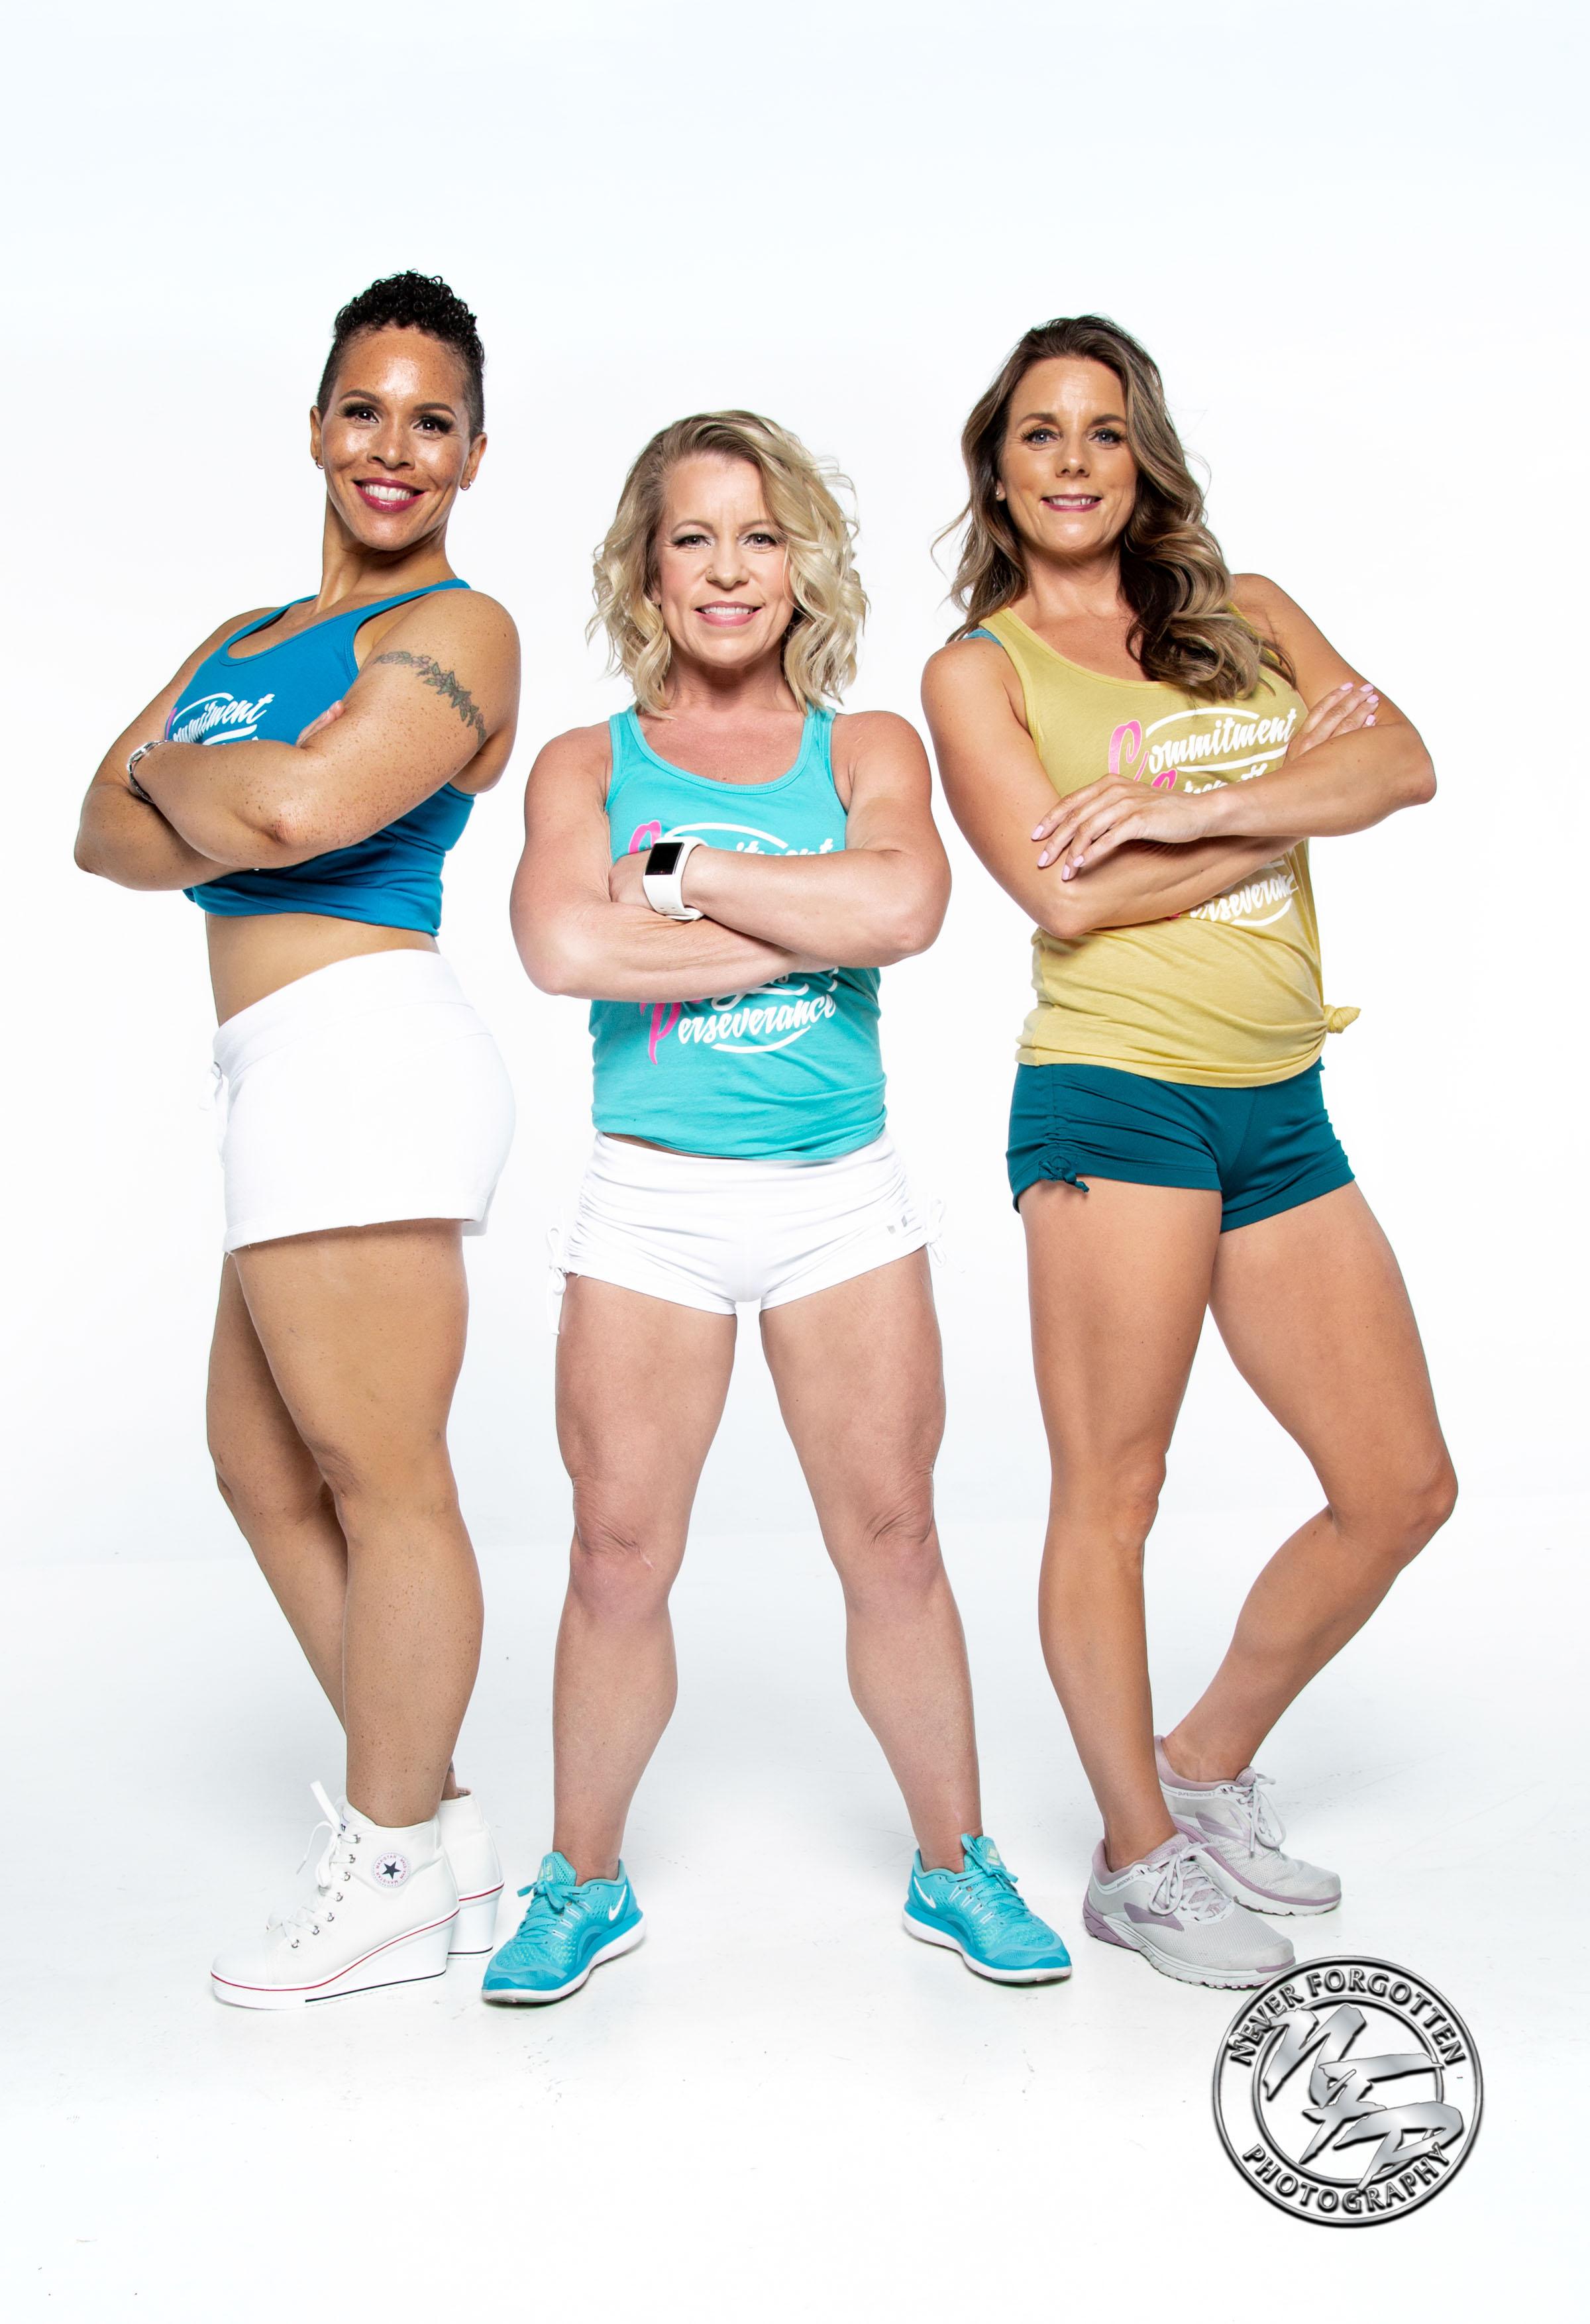 Raima, Tina and Brandi